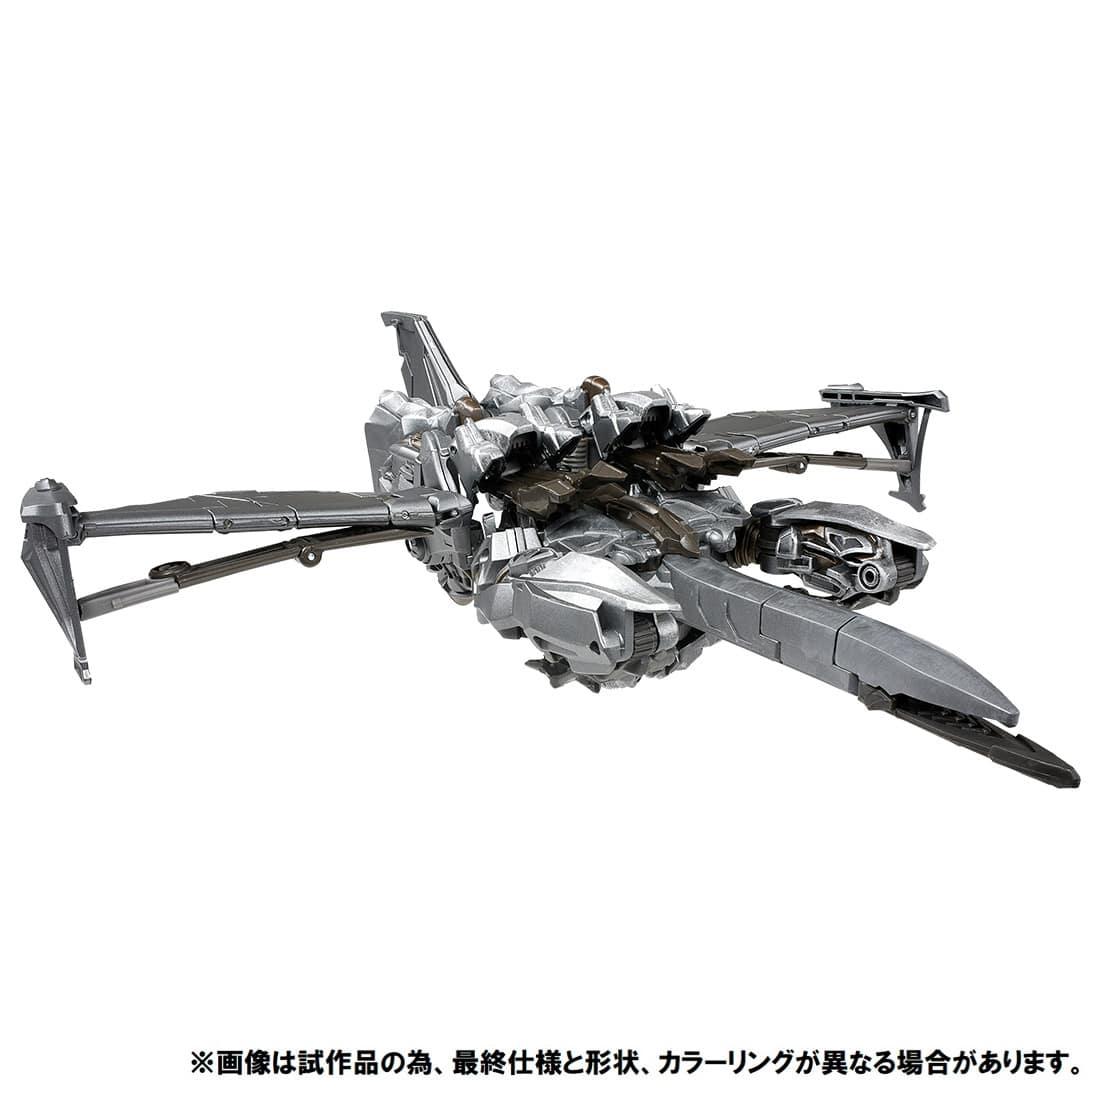 トランスフォーマー プレミアムフィニッシュ『PF SS-03 メガトロン』可変可動フィギュア-002